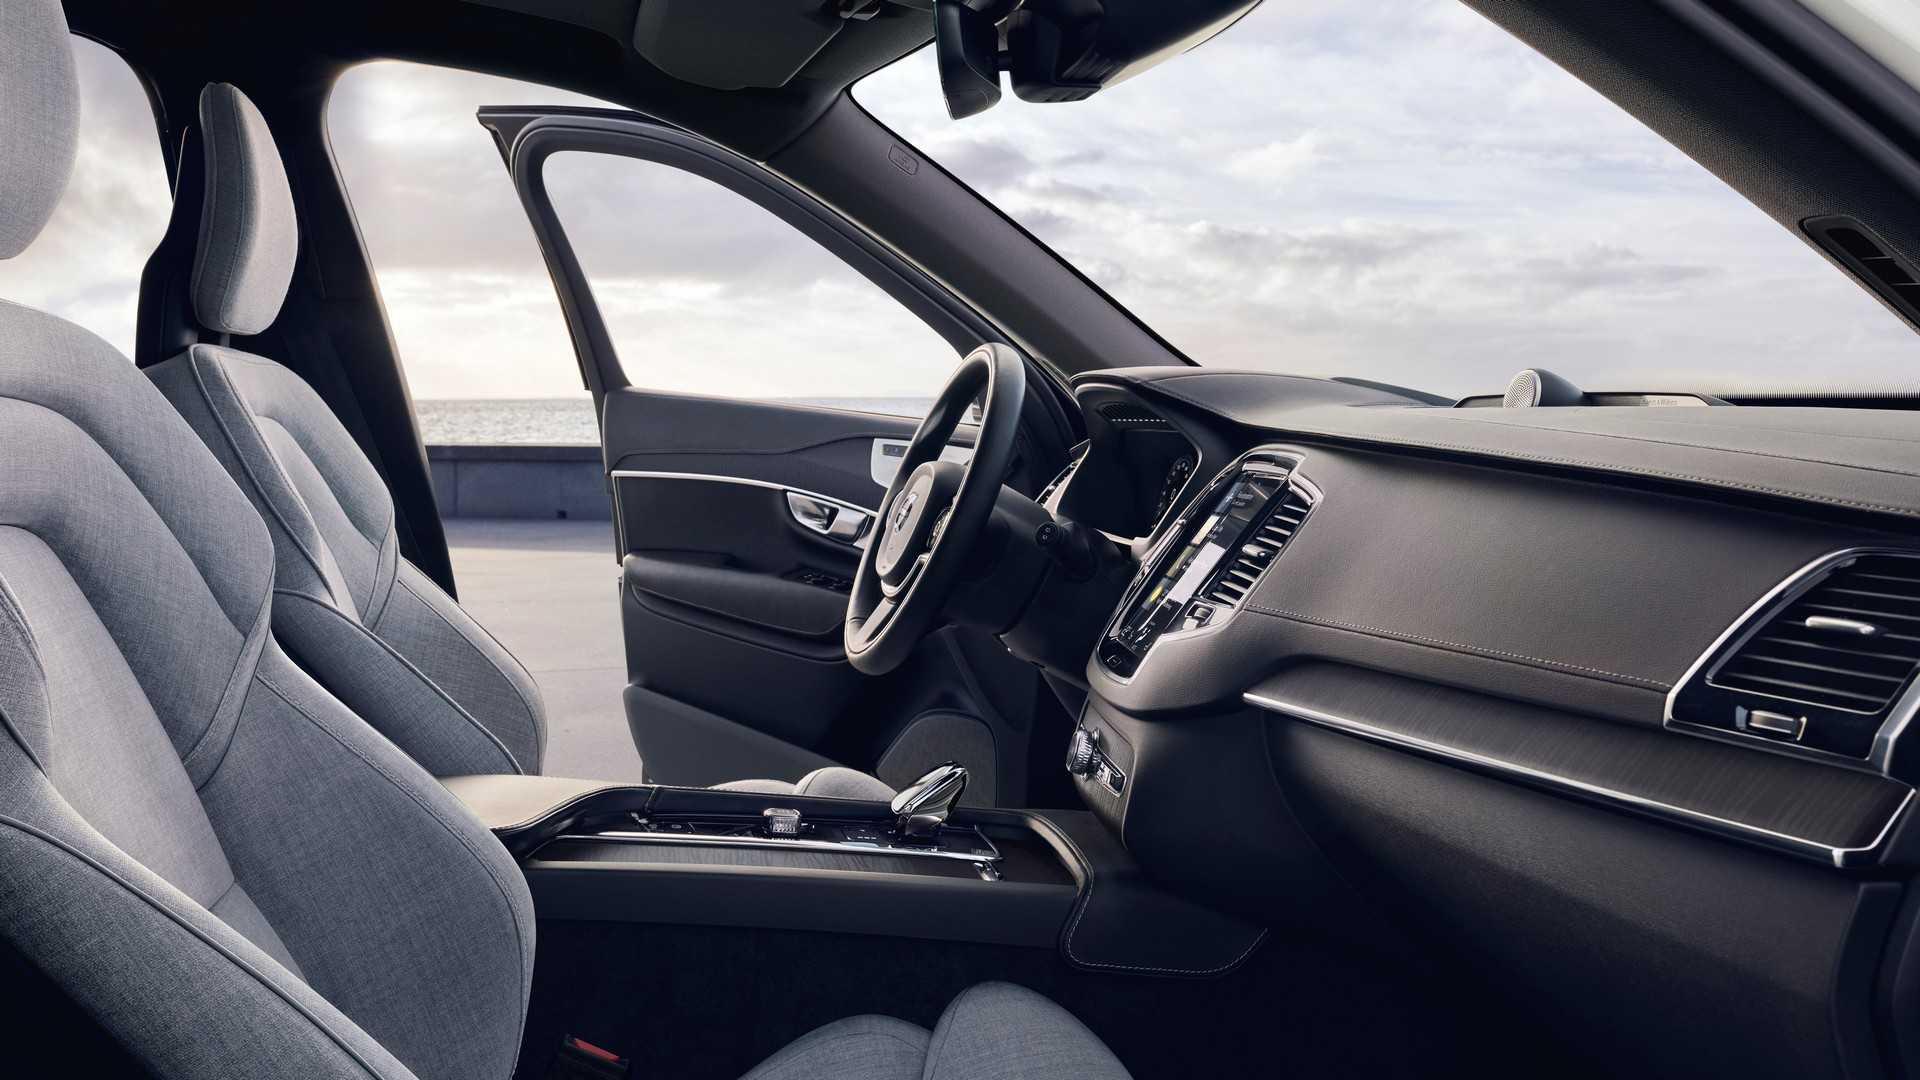 2020 Volvo XC90 facelift Interior